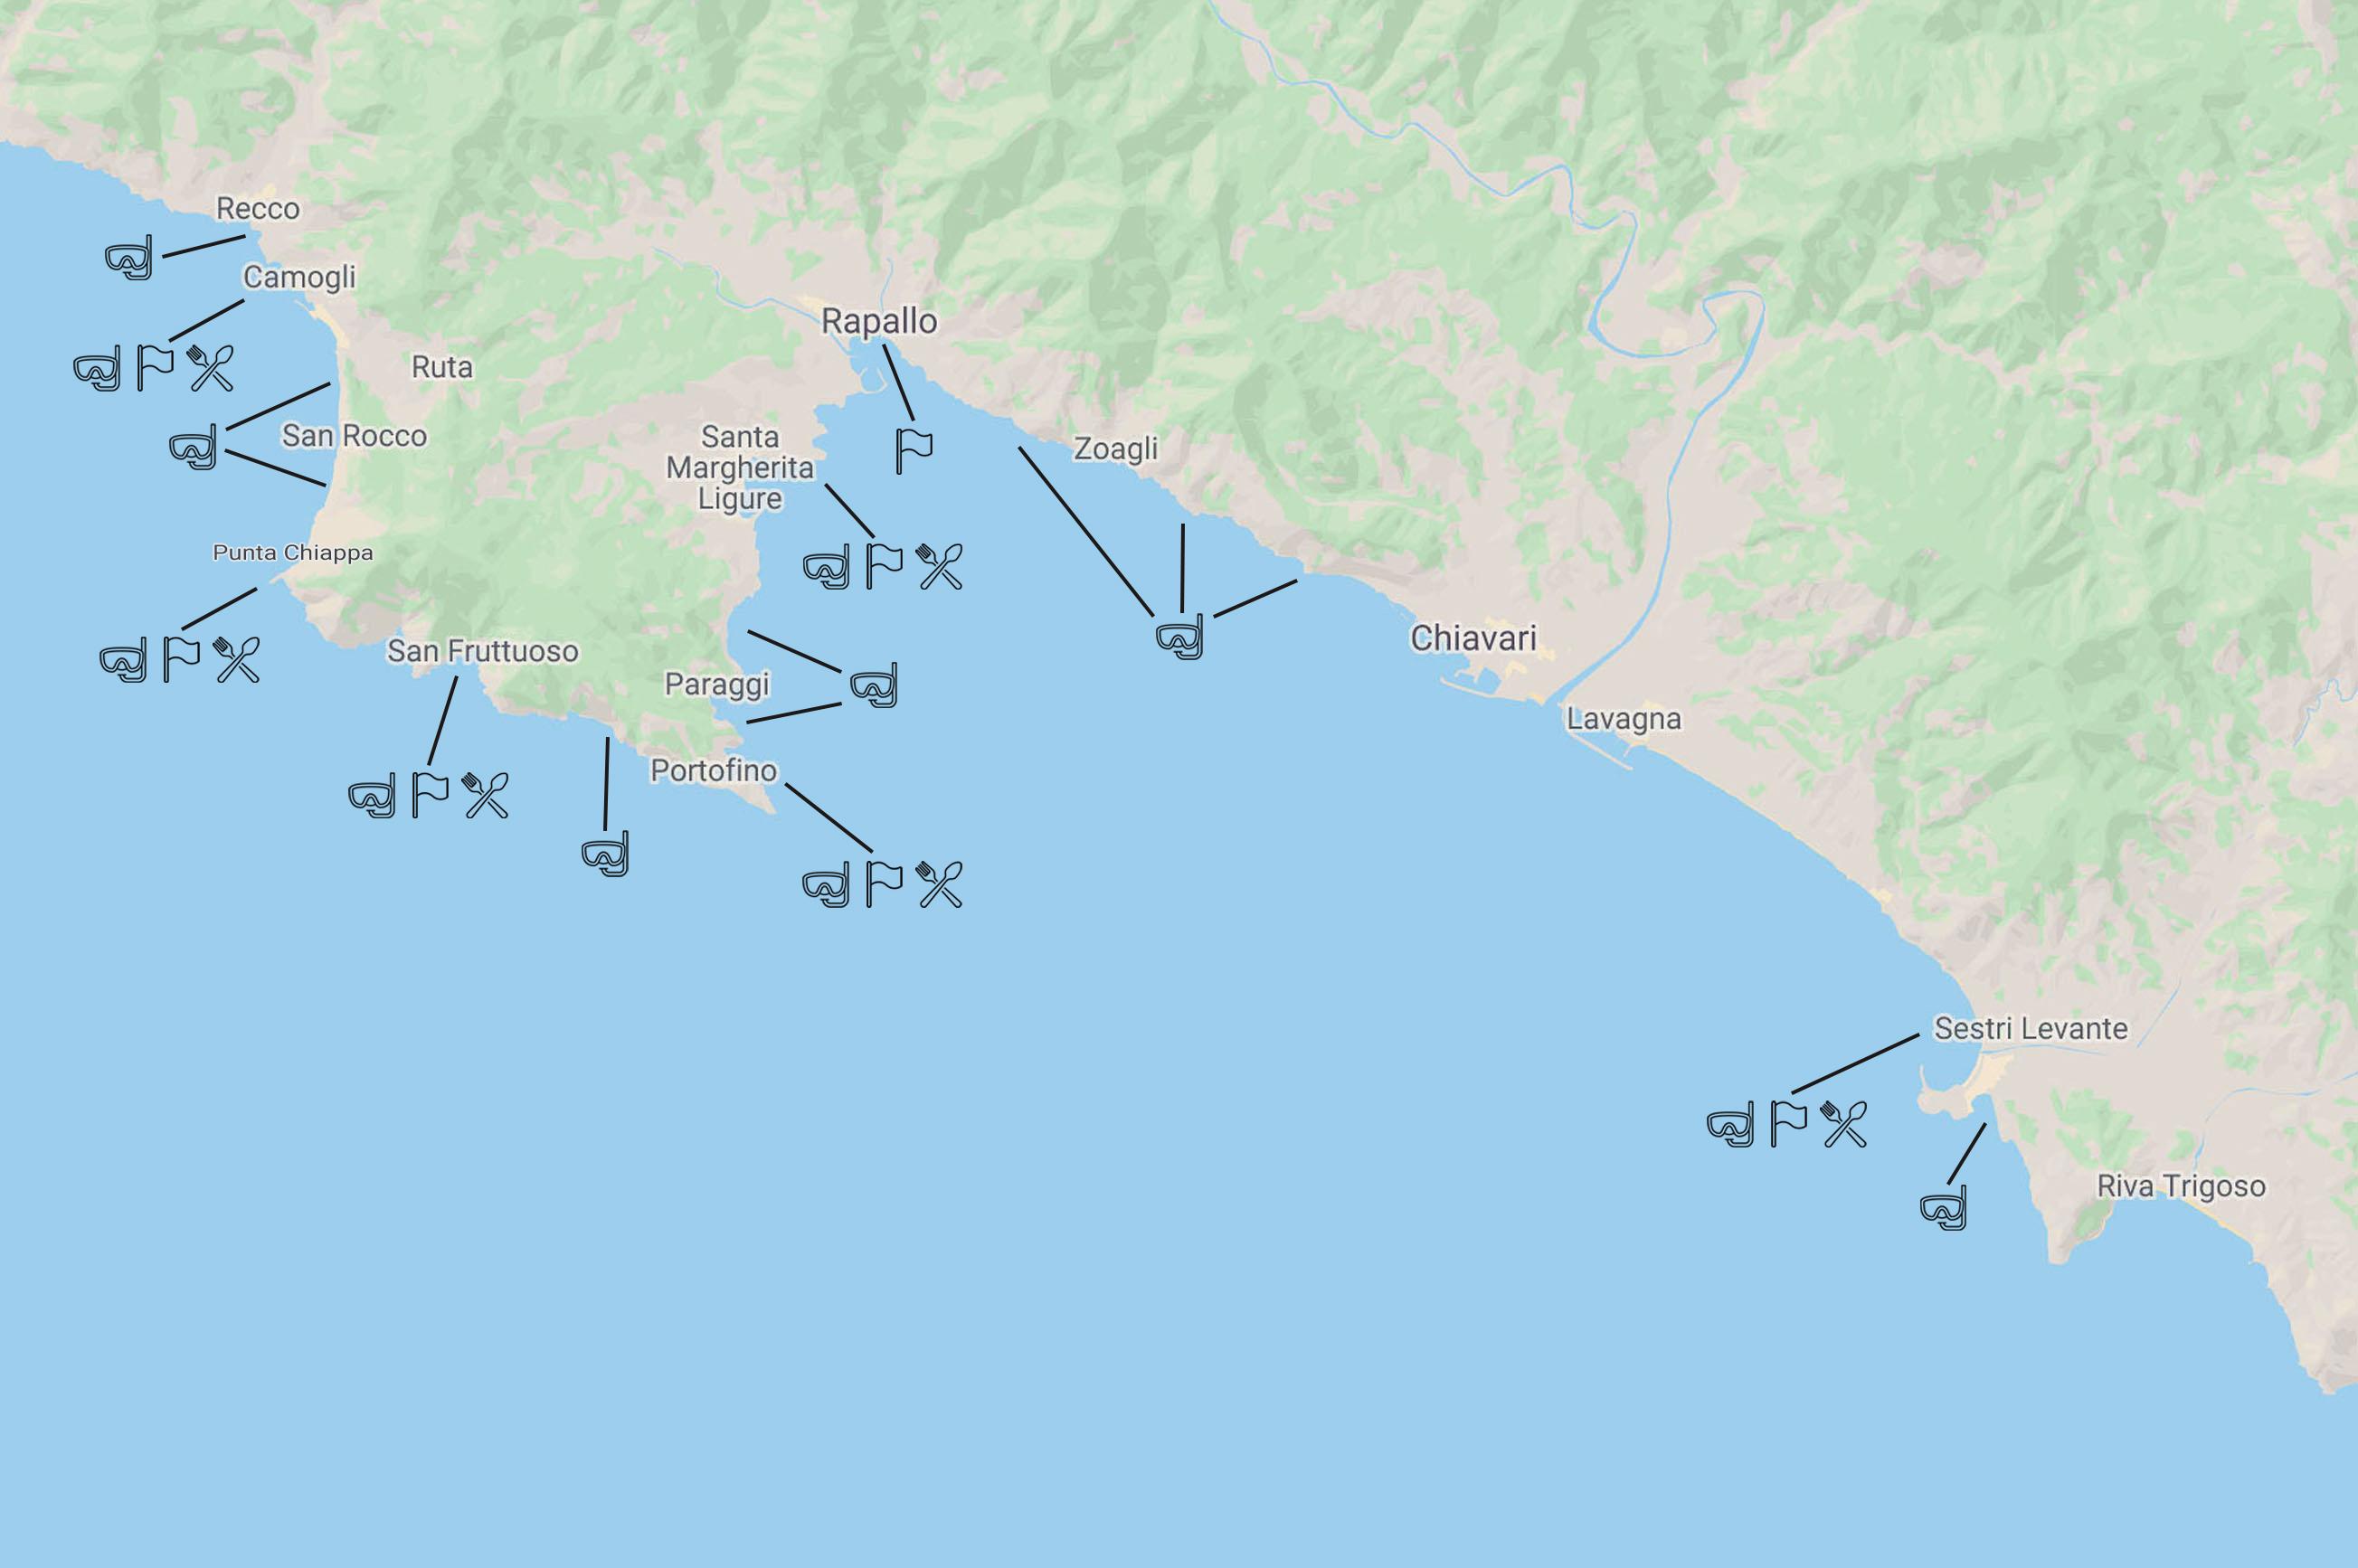 Cesare Charter Portofino - Tour Due Golfi